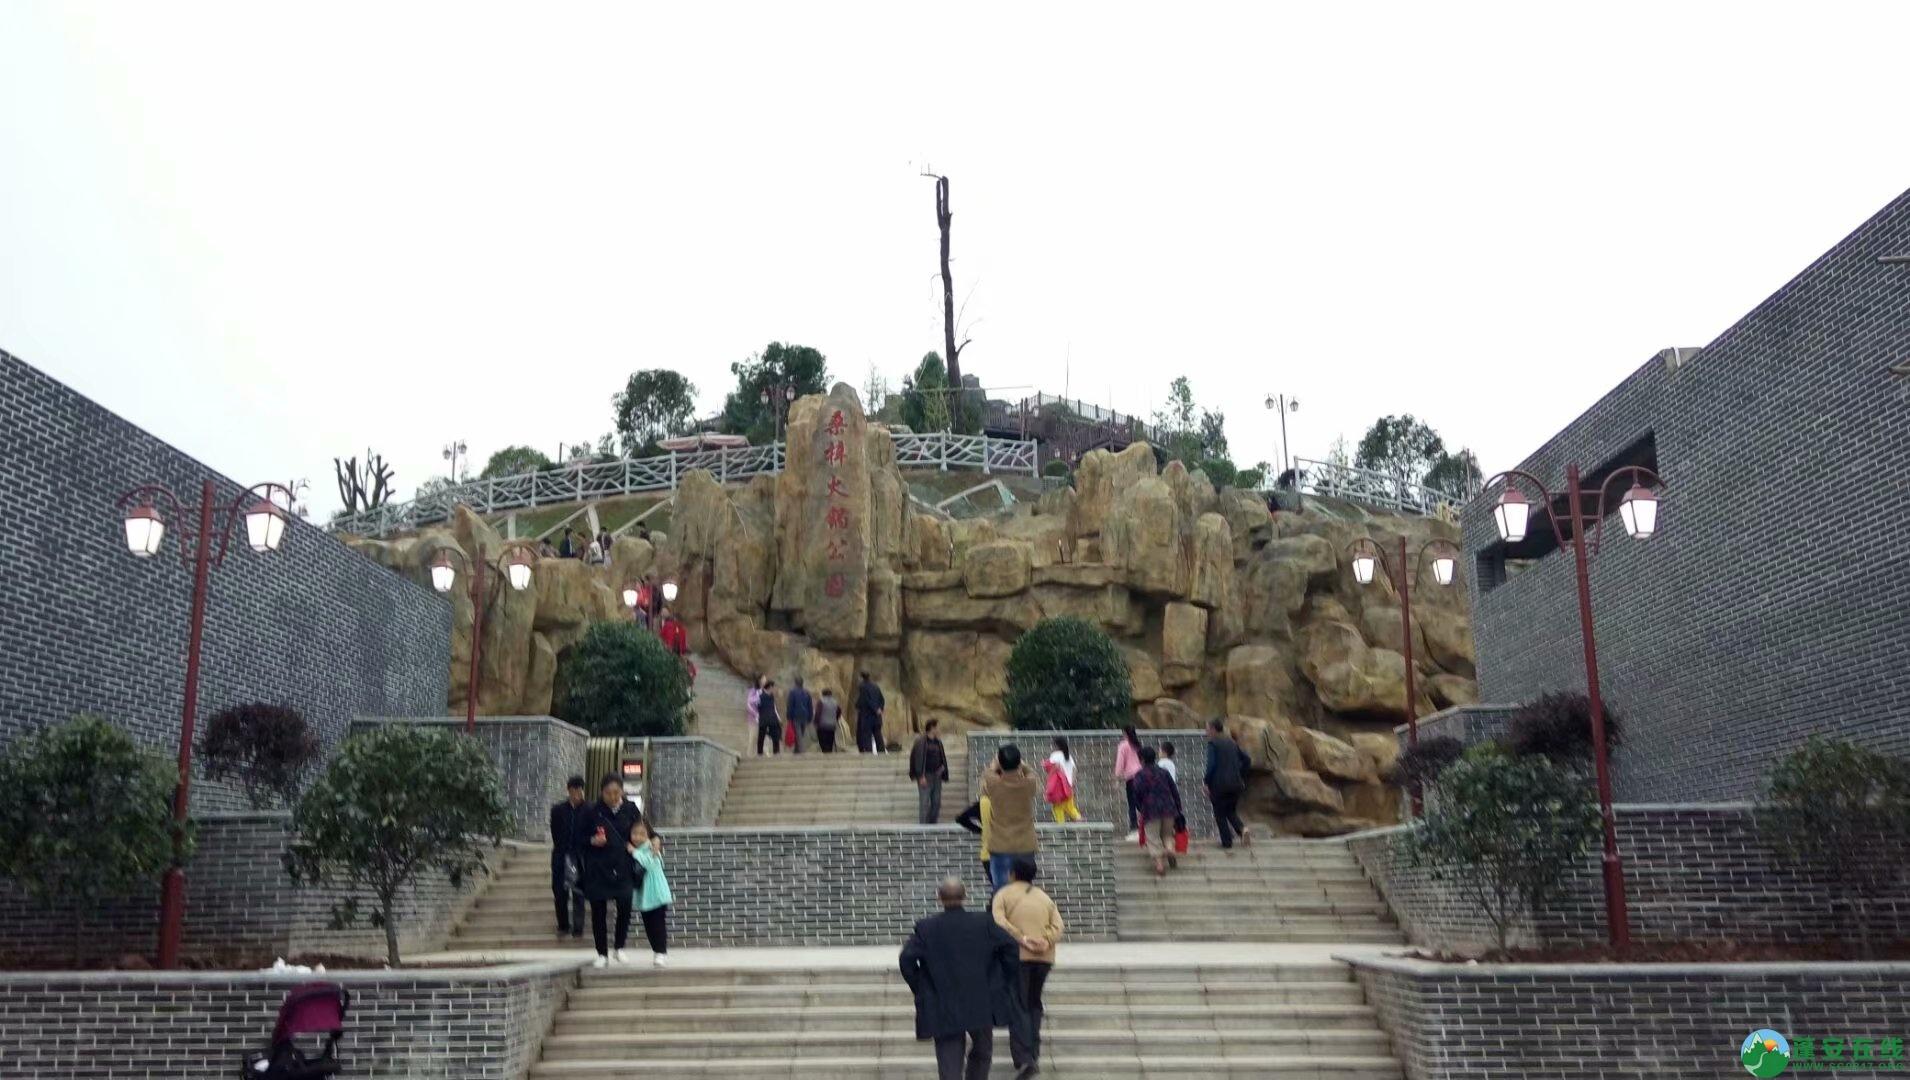 蓬安火锅公园近况(2018-10-12) - 第1张  | 蓬安在线